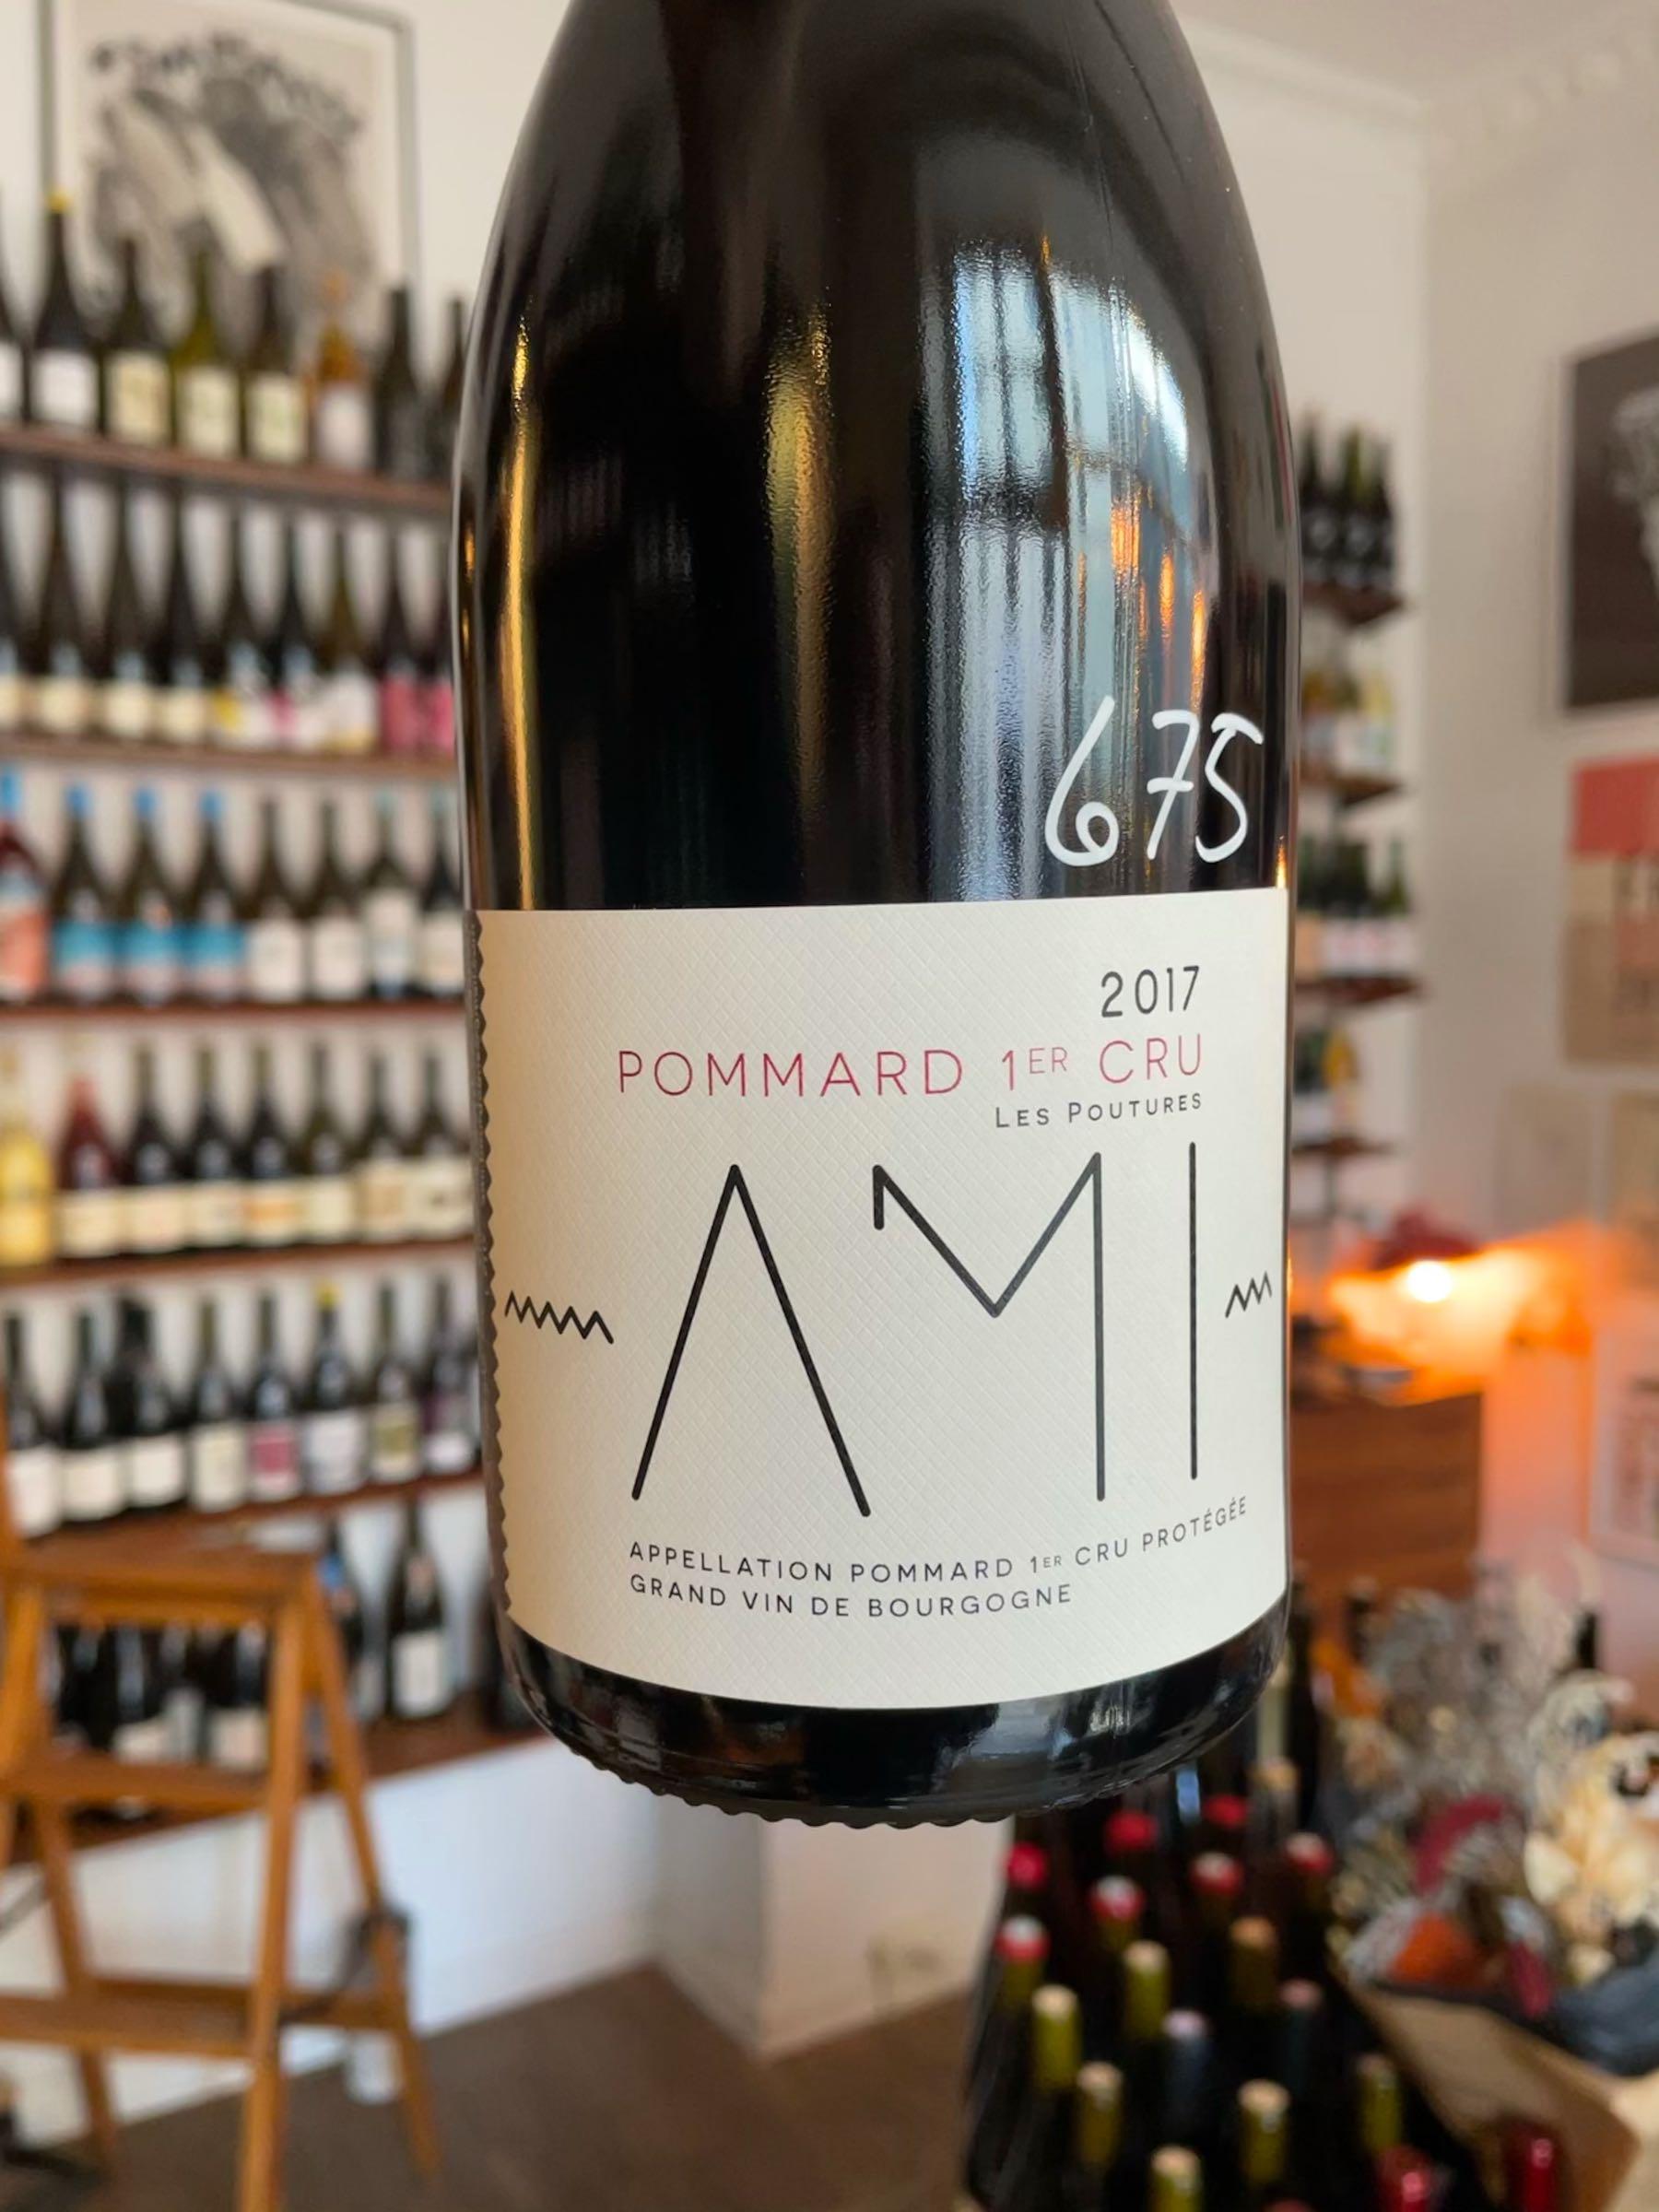 """Pommard 1er Cru """"Les Poutures"""" 2017 - AMI"""